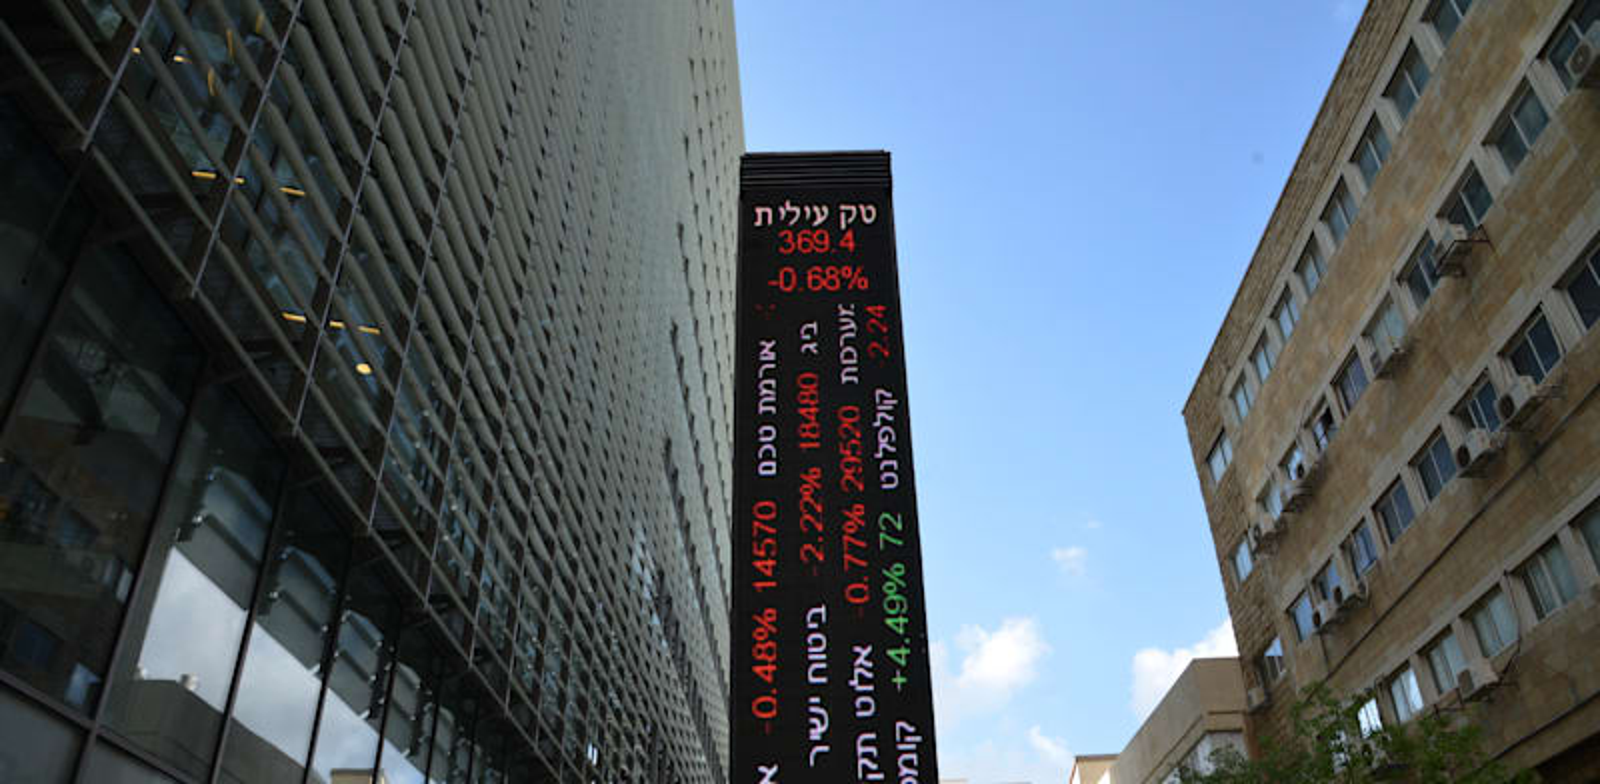 בניין הבורסה , תל אביב / צילום: תמר מצפי